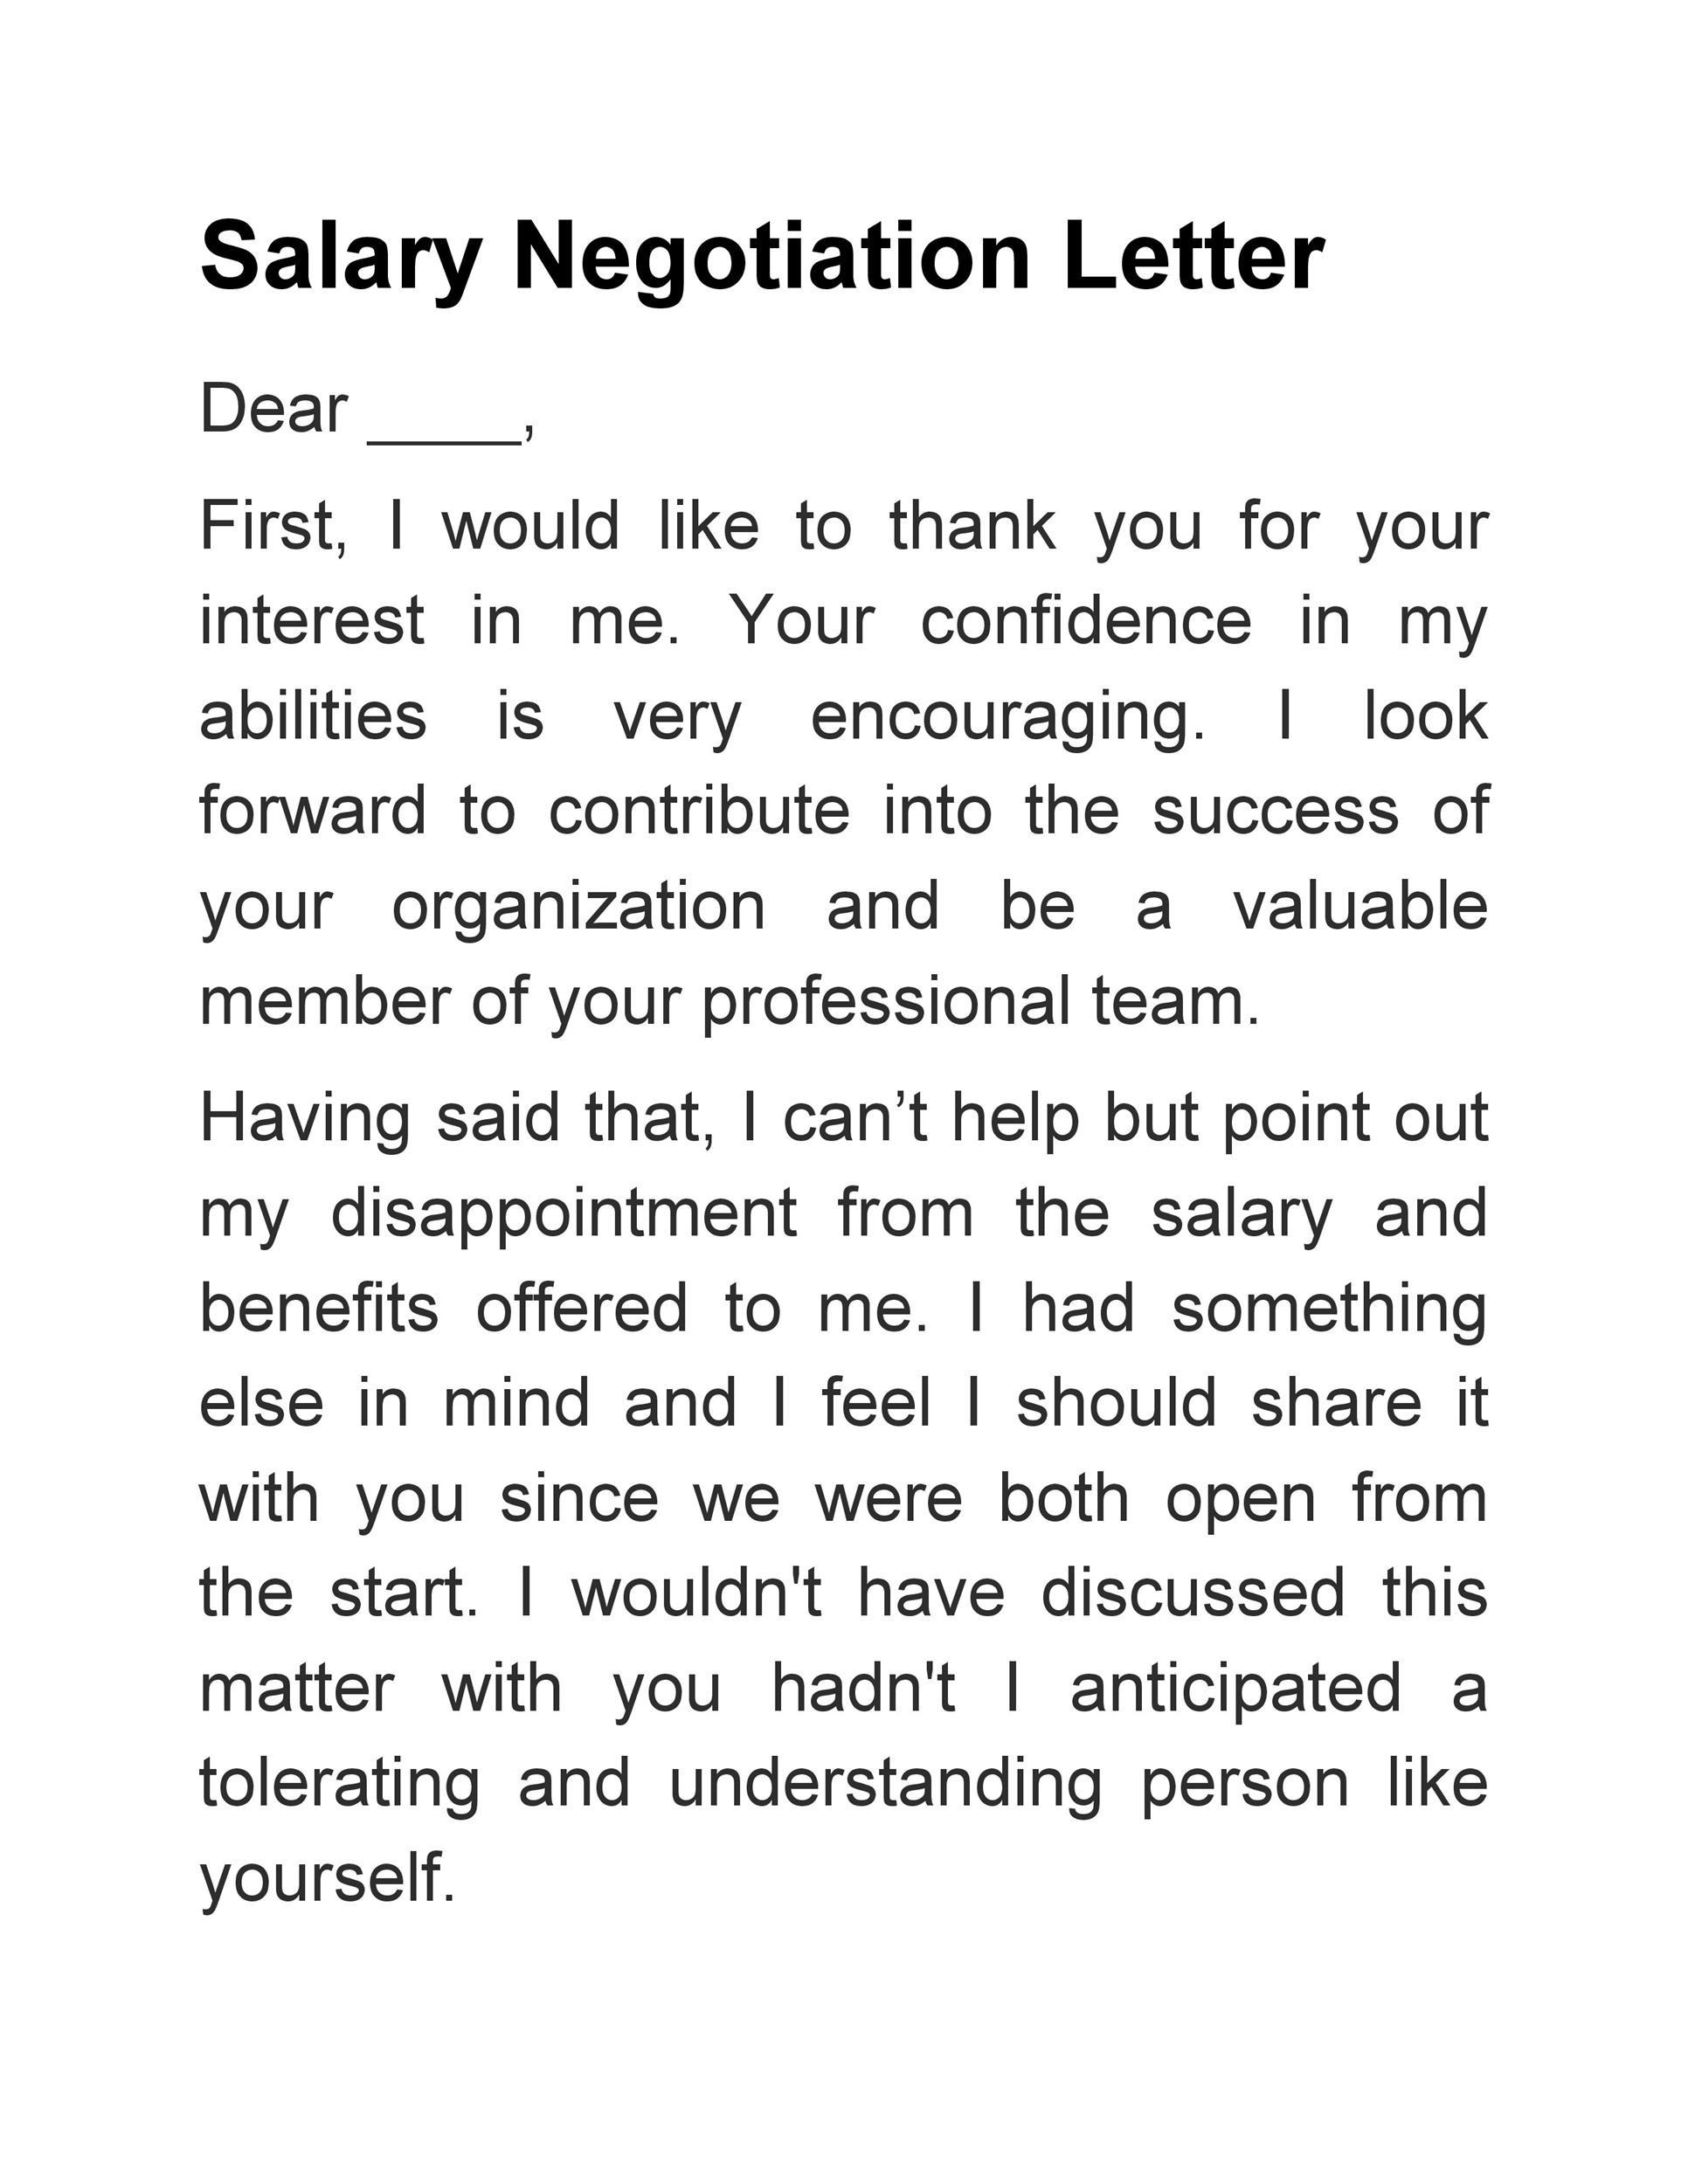 Lettre gratuite pour les négociations salariales 19